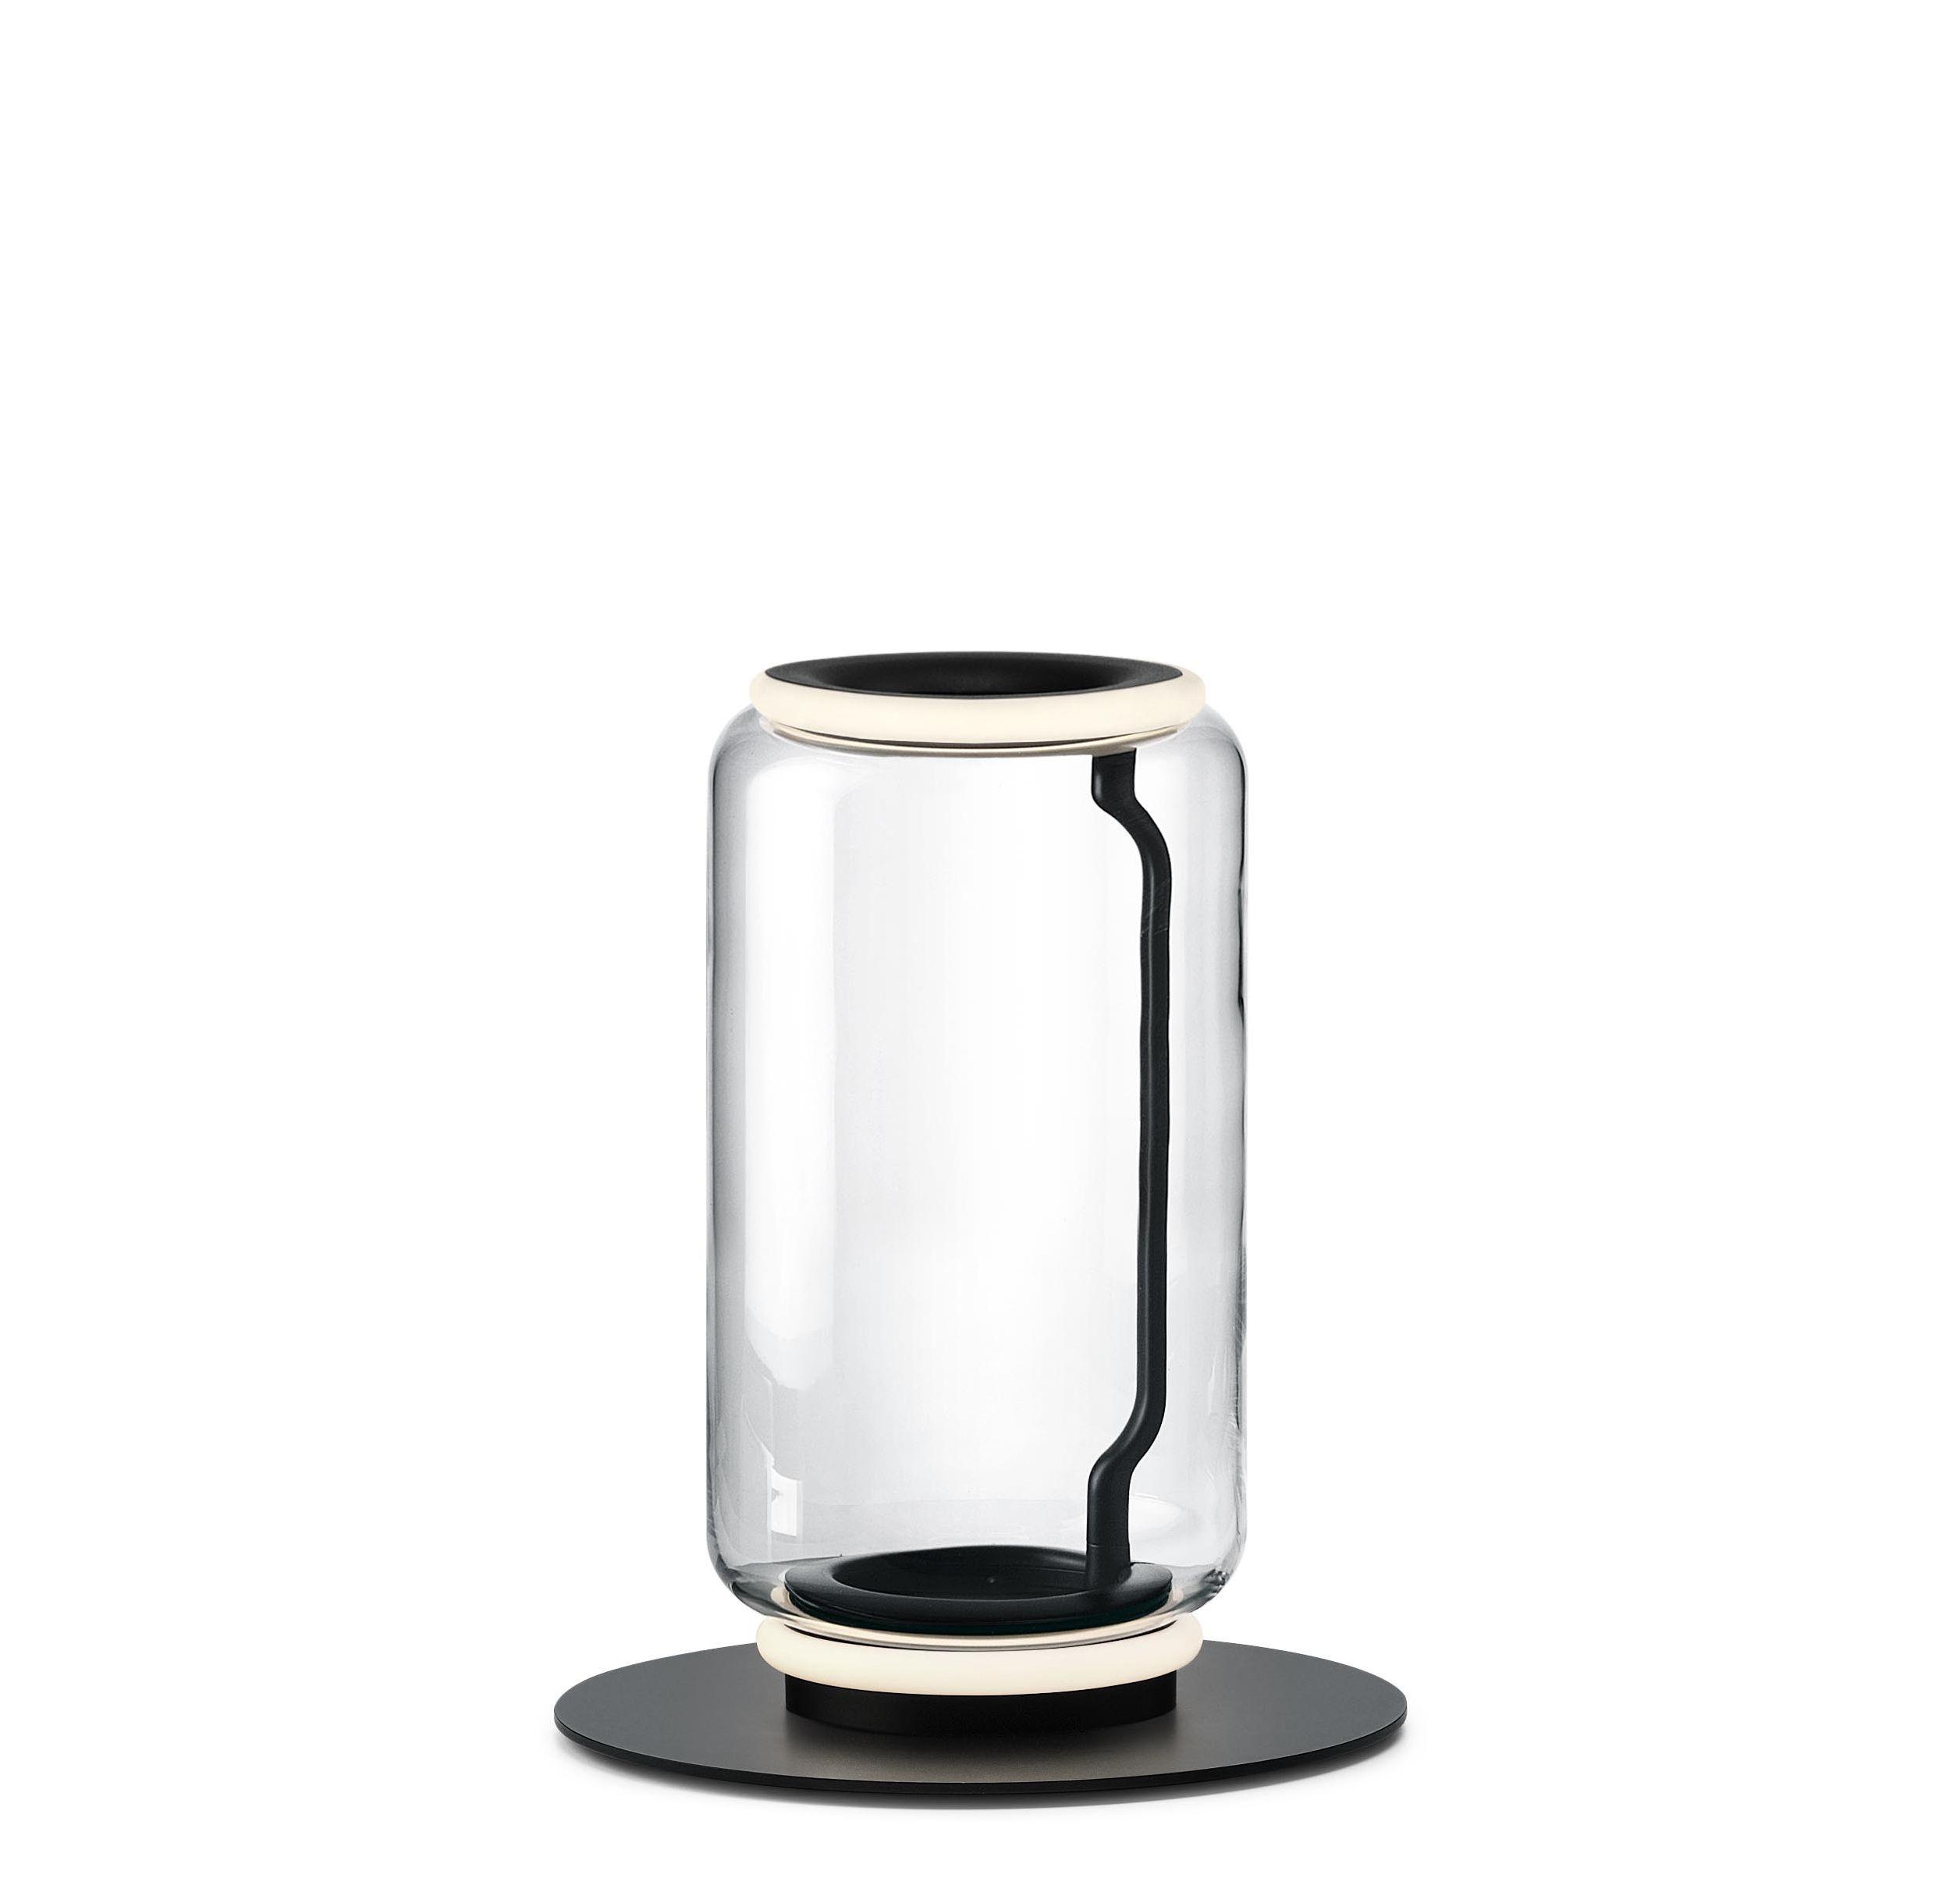 Luminaire - Lampadaires - Lampe à poser Noctambule Cylindre n°1 / LED - Ø 25 x H 50 cm - Flos - H 50 cm / Transparent - Acier, Fonte d'aluminium, Verre soufflé